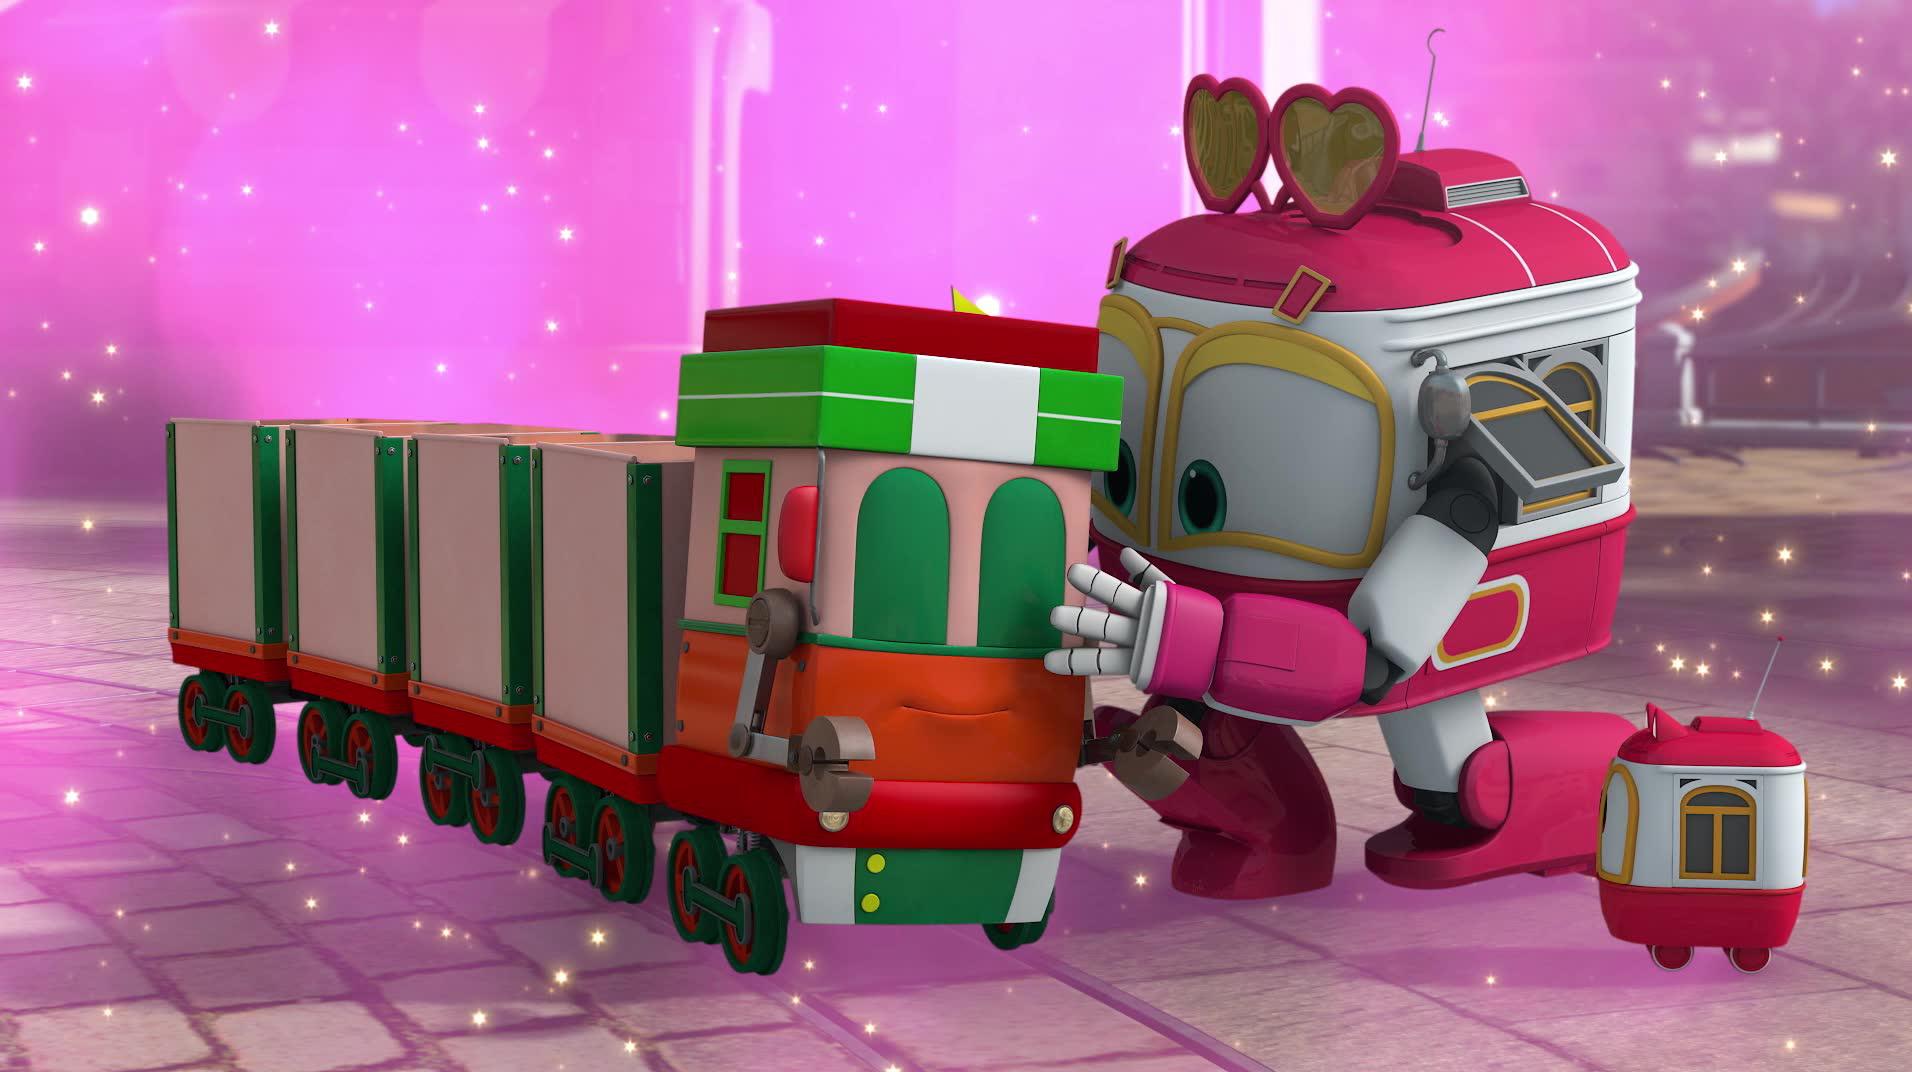 Роботы-поезда / Беги, Кей, беги